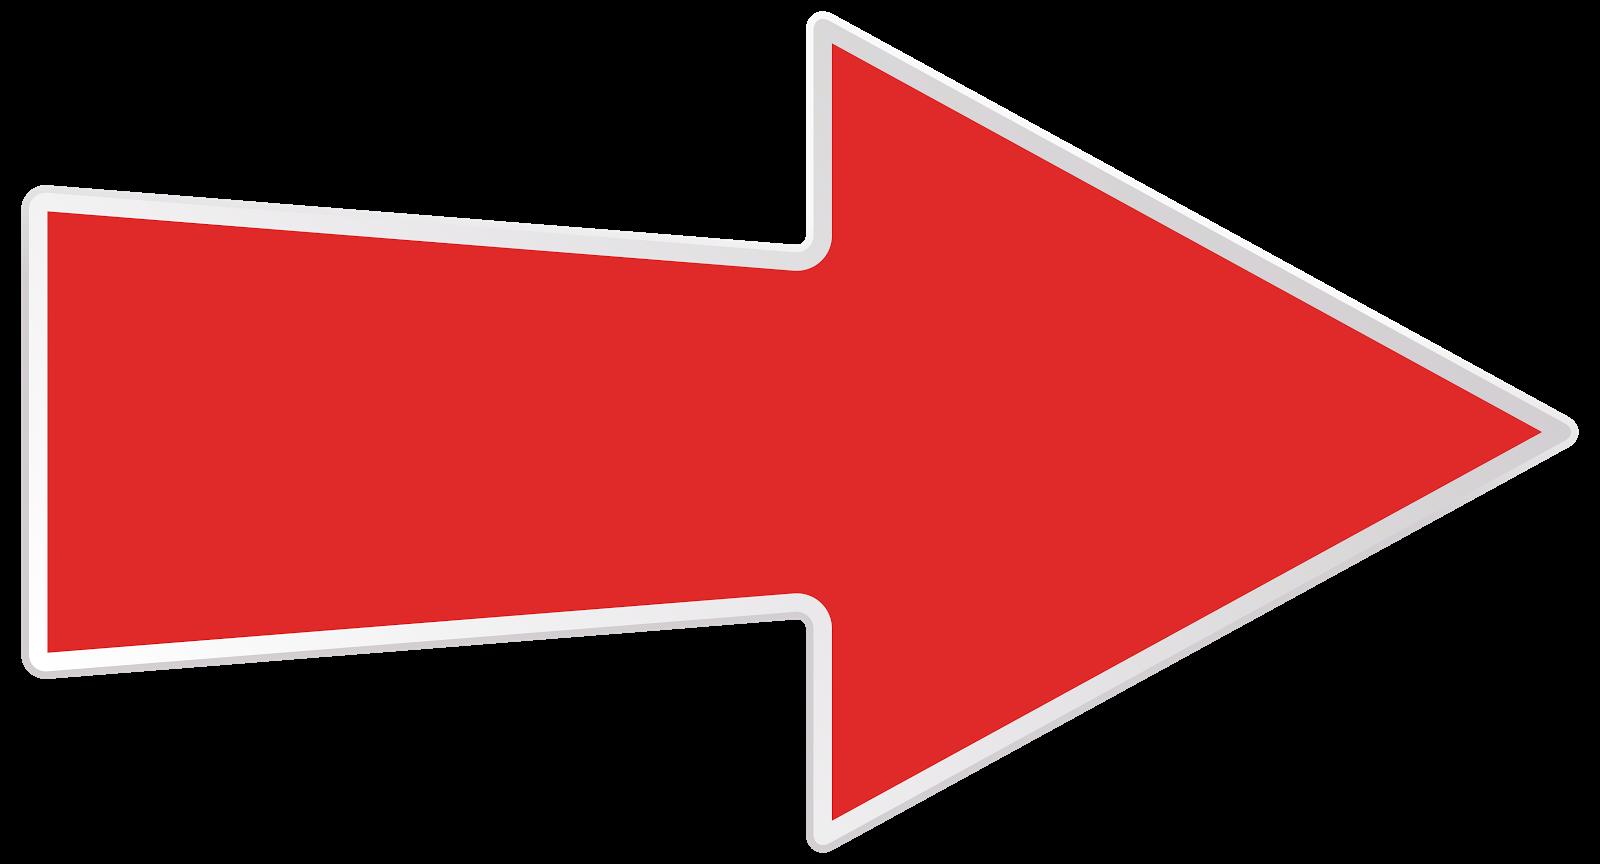 Cedrone - Tocci